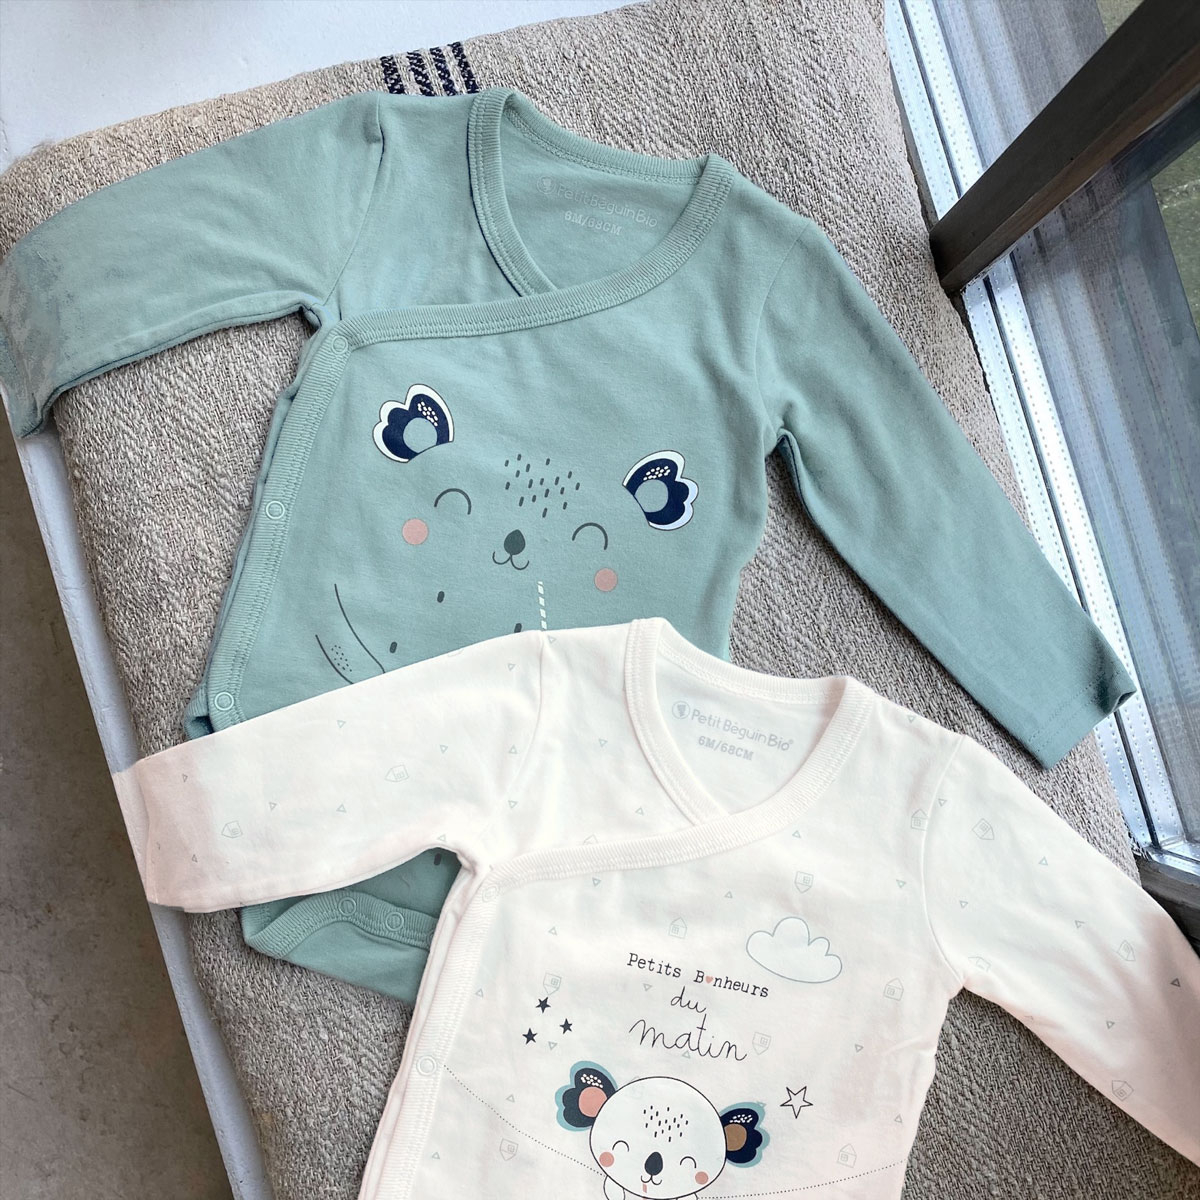 Lot de 2 bodies bébé mixte croisés manches longues contenant du coton bio Bonheur du matin